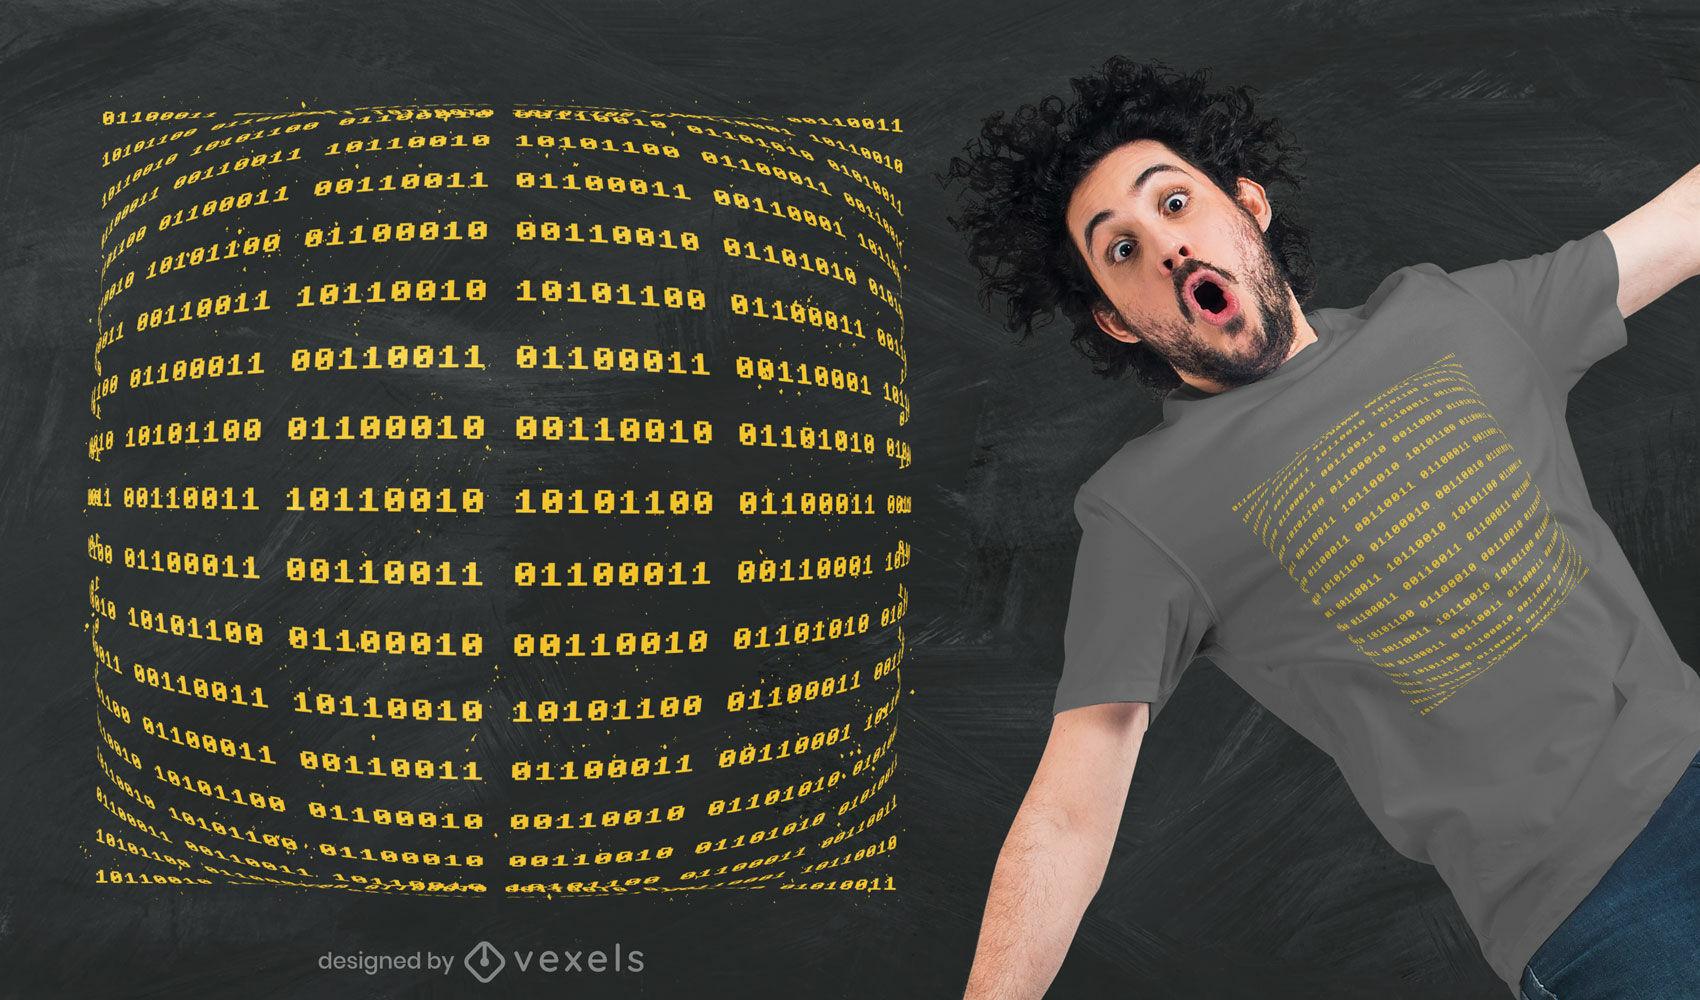 Dise?o de camiseta de c?digo binario.